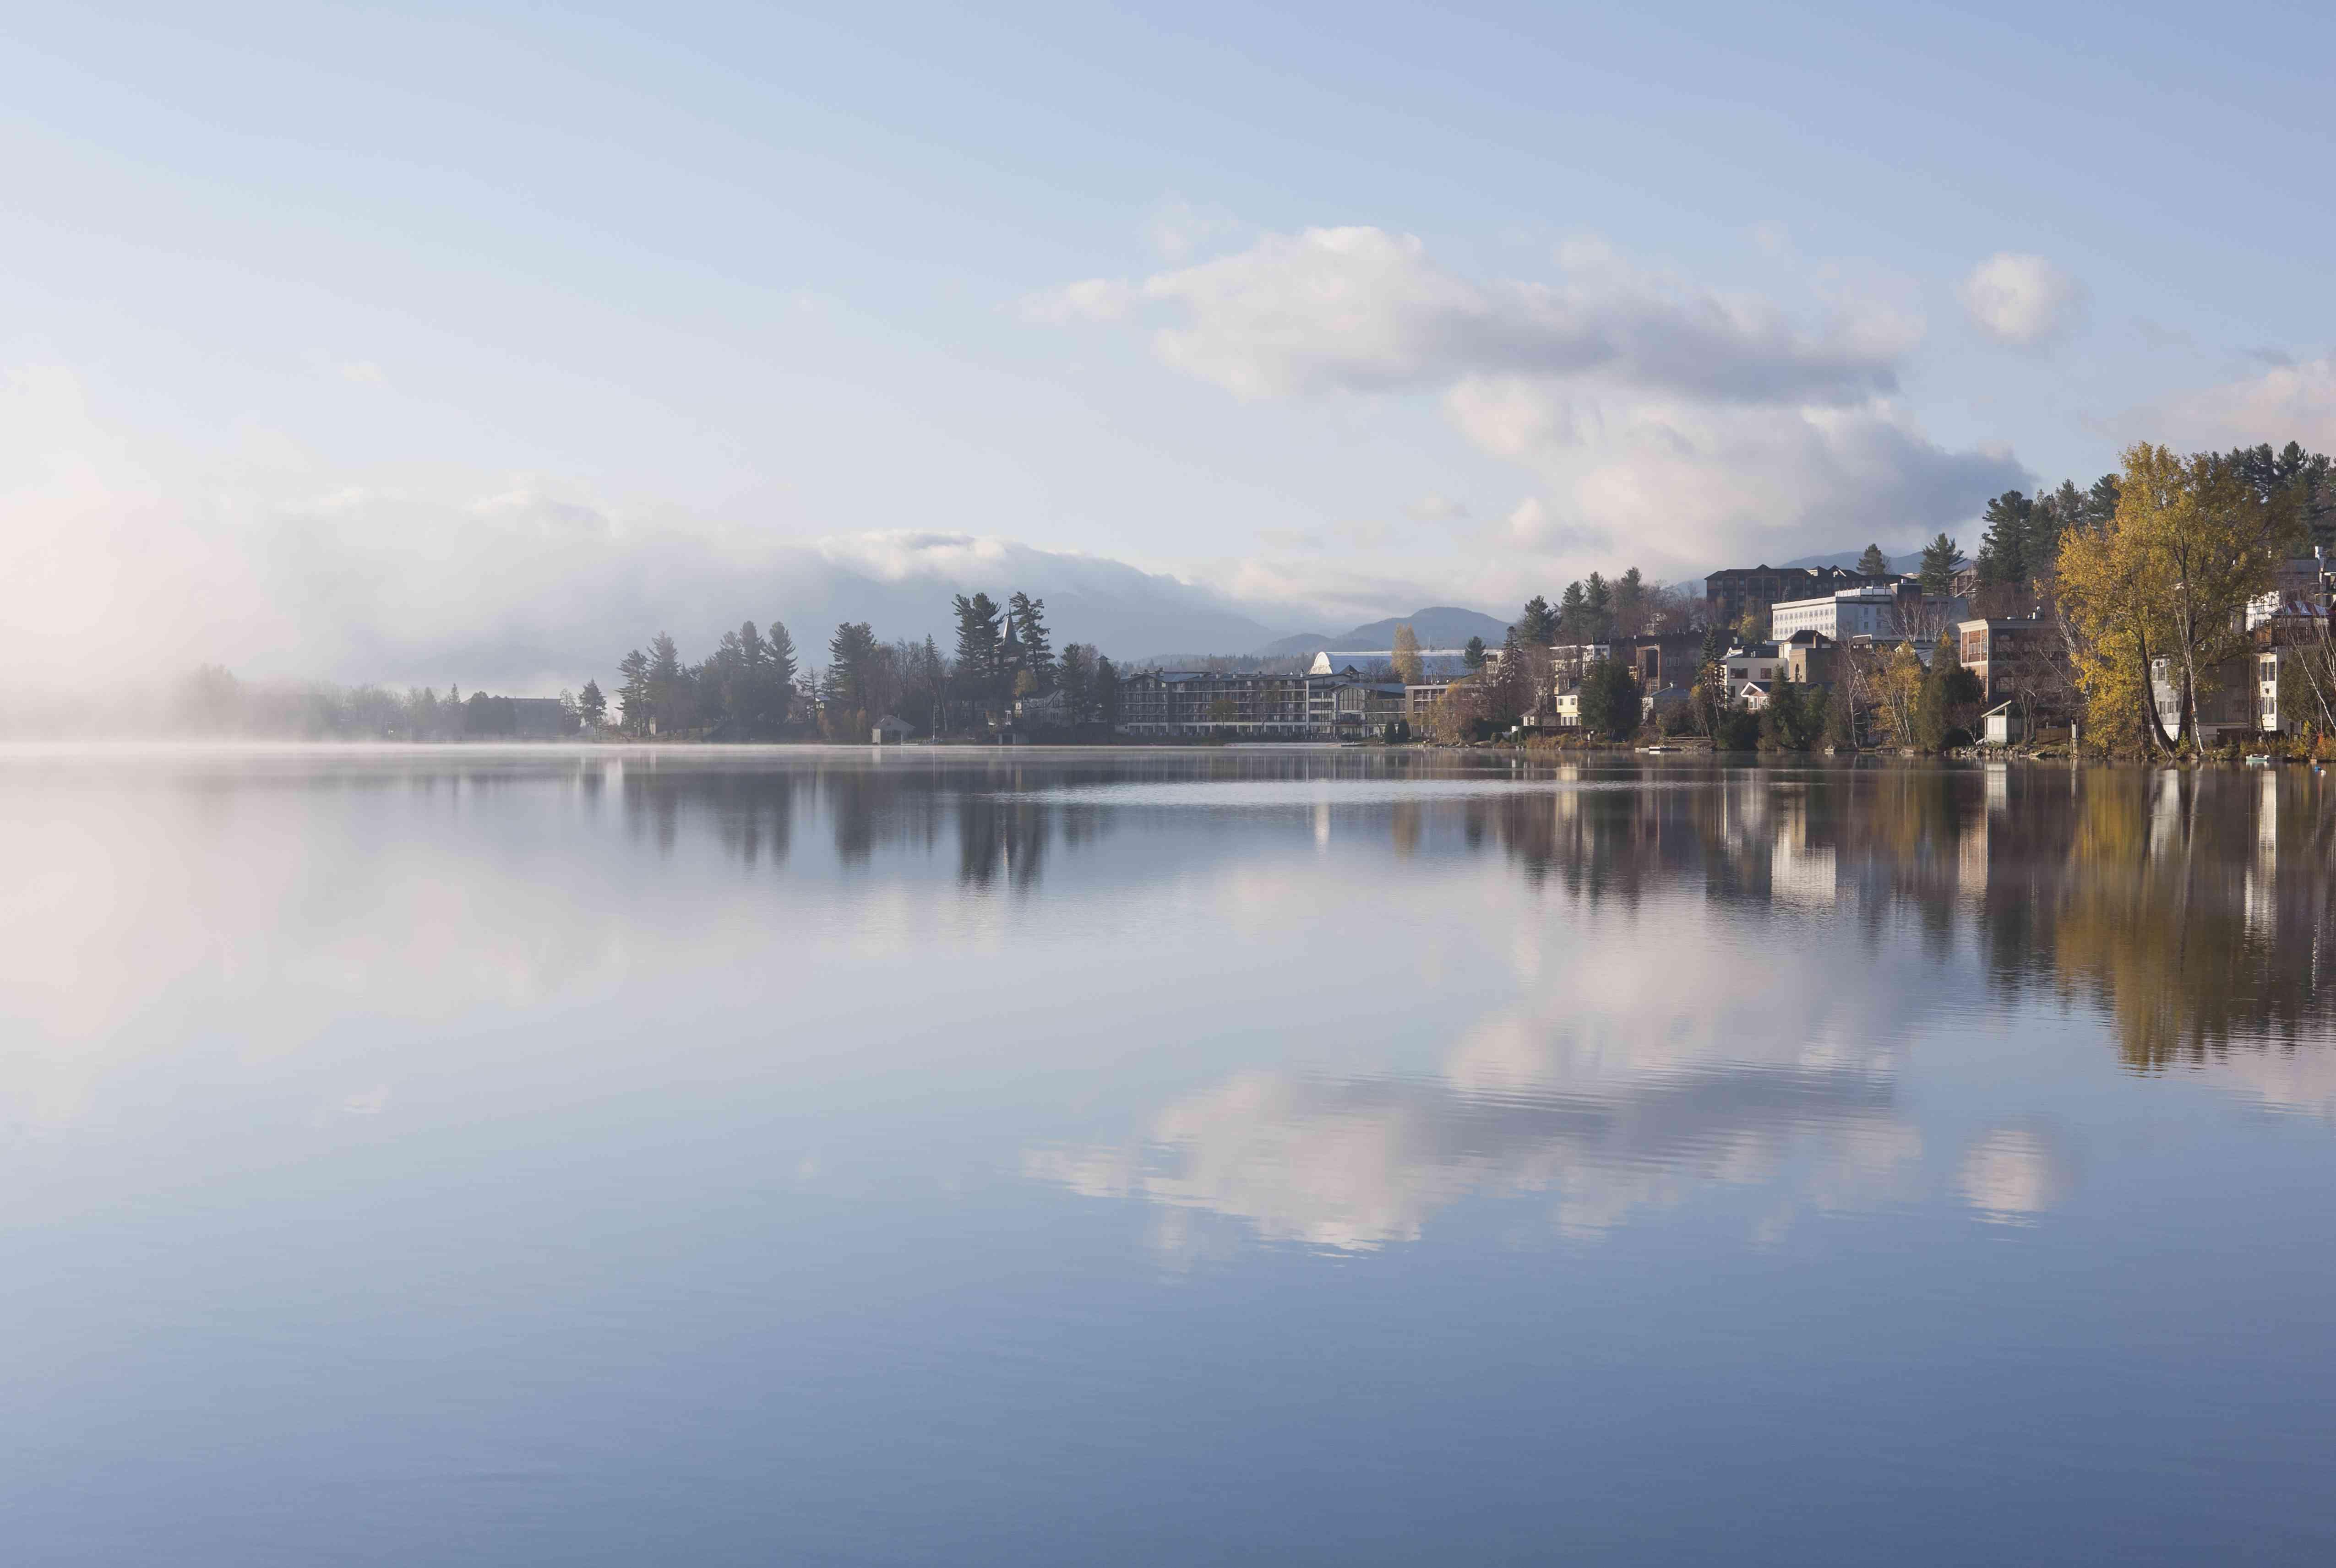 USA, New York, Lake Placid Village, Mirror Lake